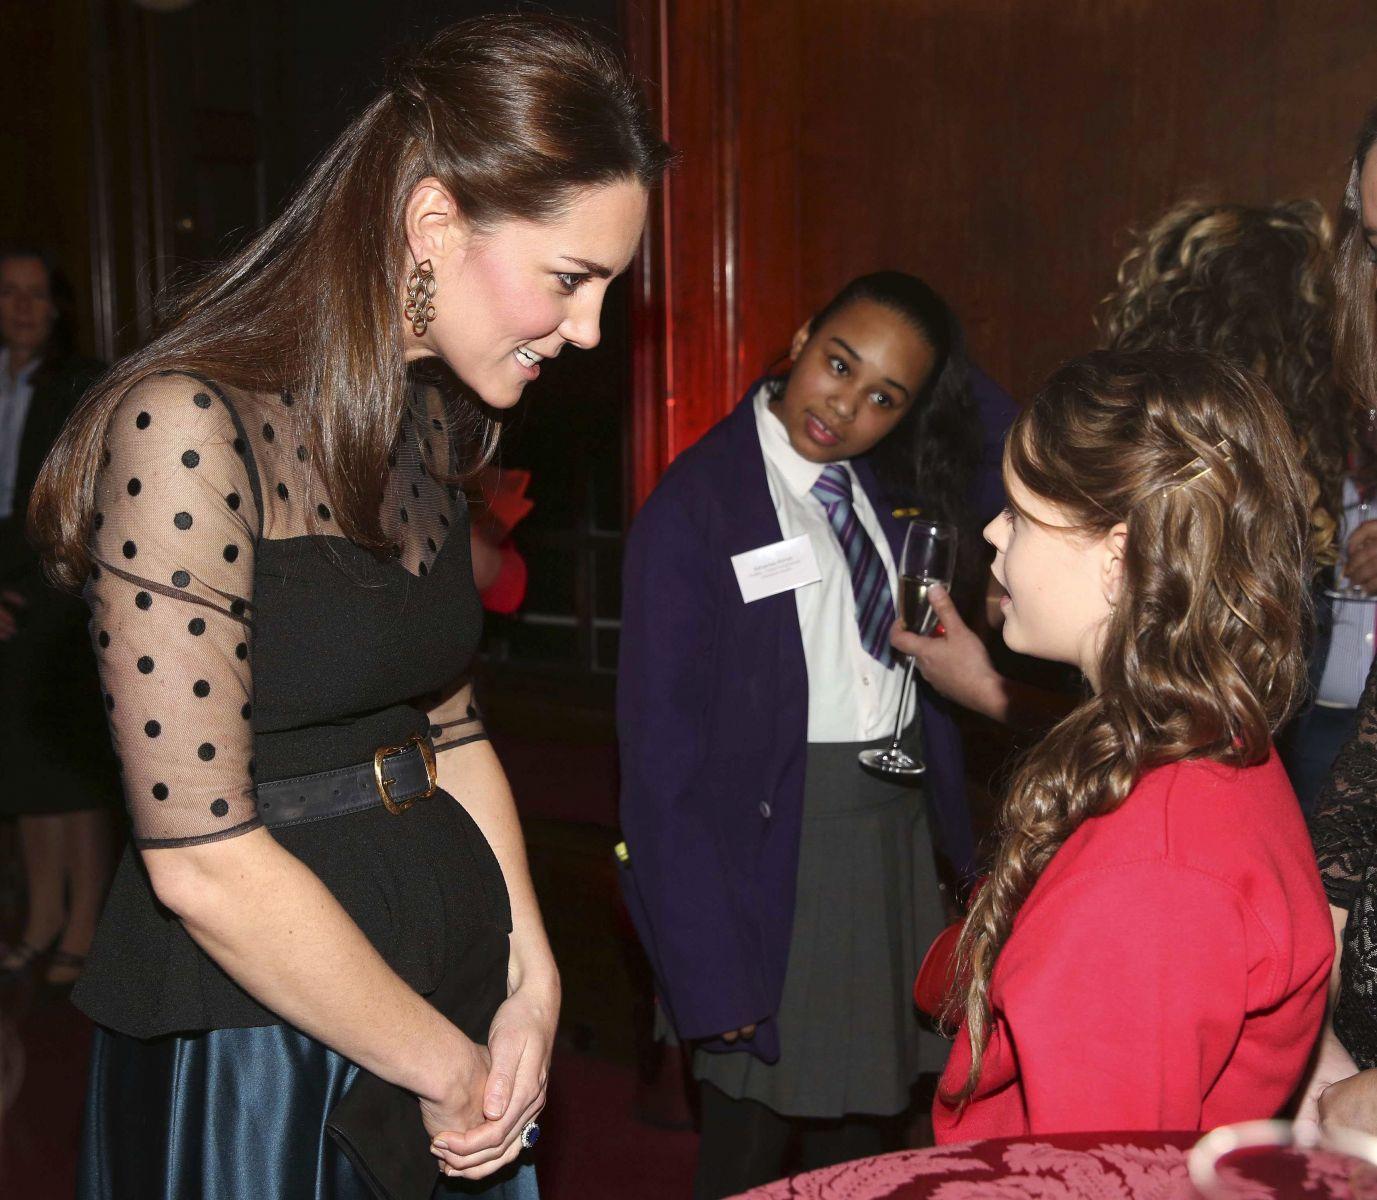 Кейт Миддлтон показала беременный животик